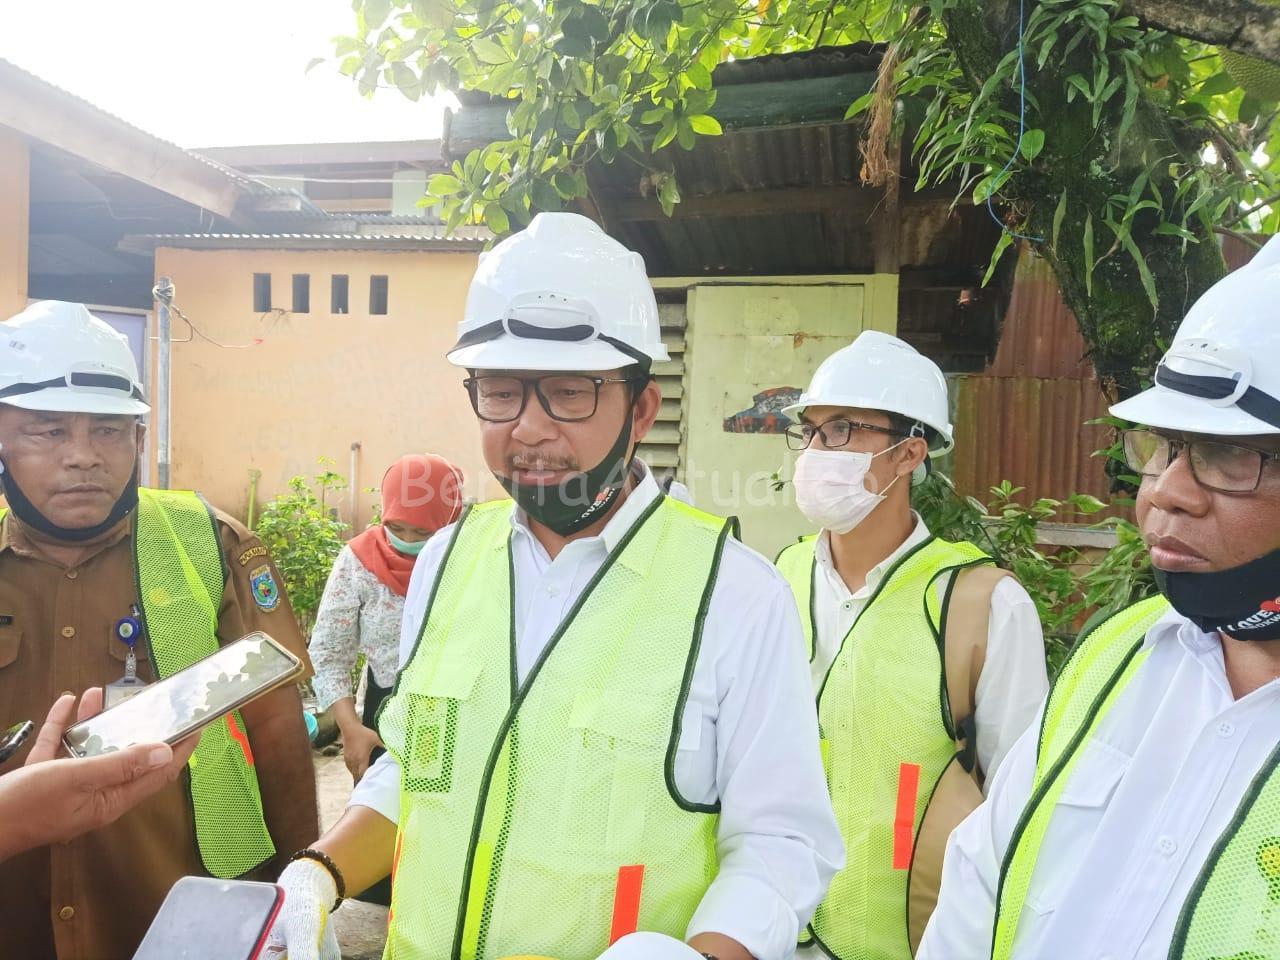 """Program """"KOTAKU"""" Tanpa Kumuh Papua Barat Akan Dilaksanakan di 3 Daerah Ini 1 IMG 20200714 WA0048"""